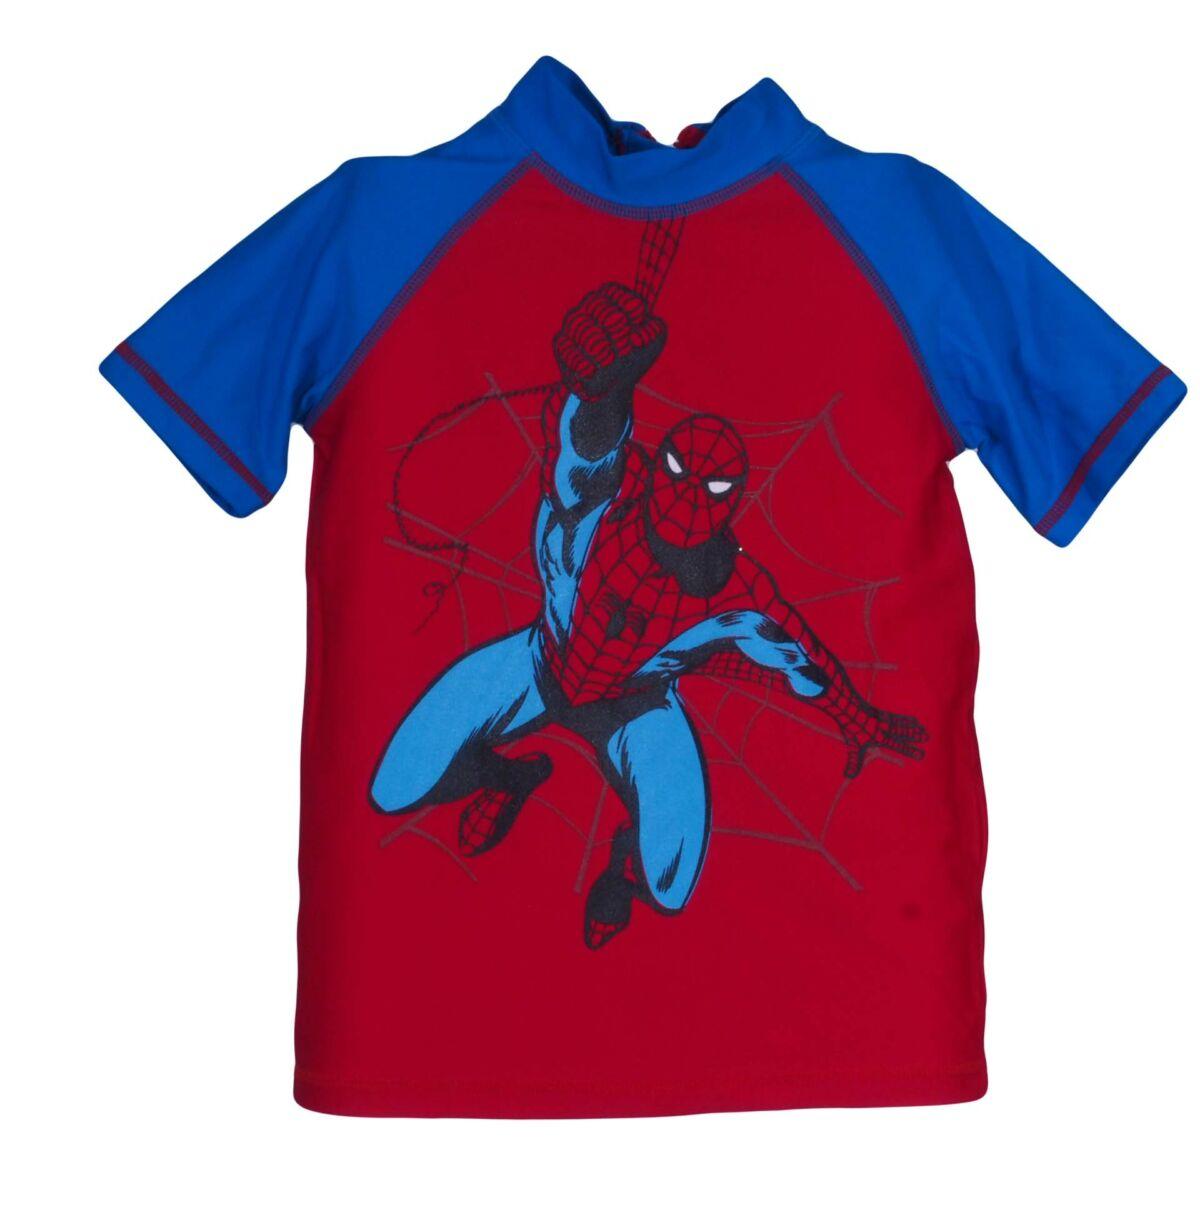 Fürdőruha   UV-ruha - Kedvenc Gyerekruha Webshop e695118fdc